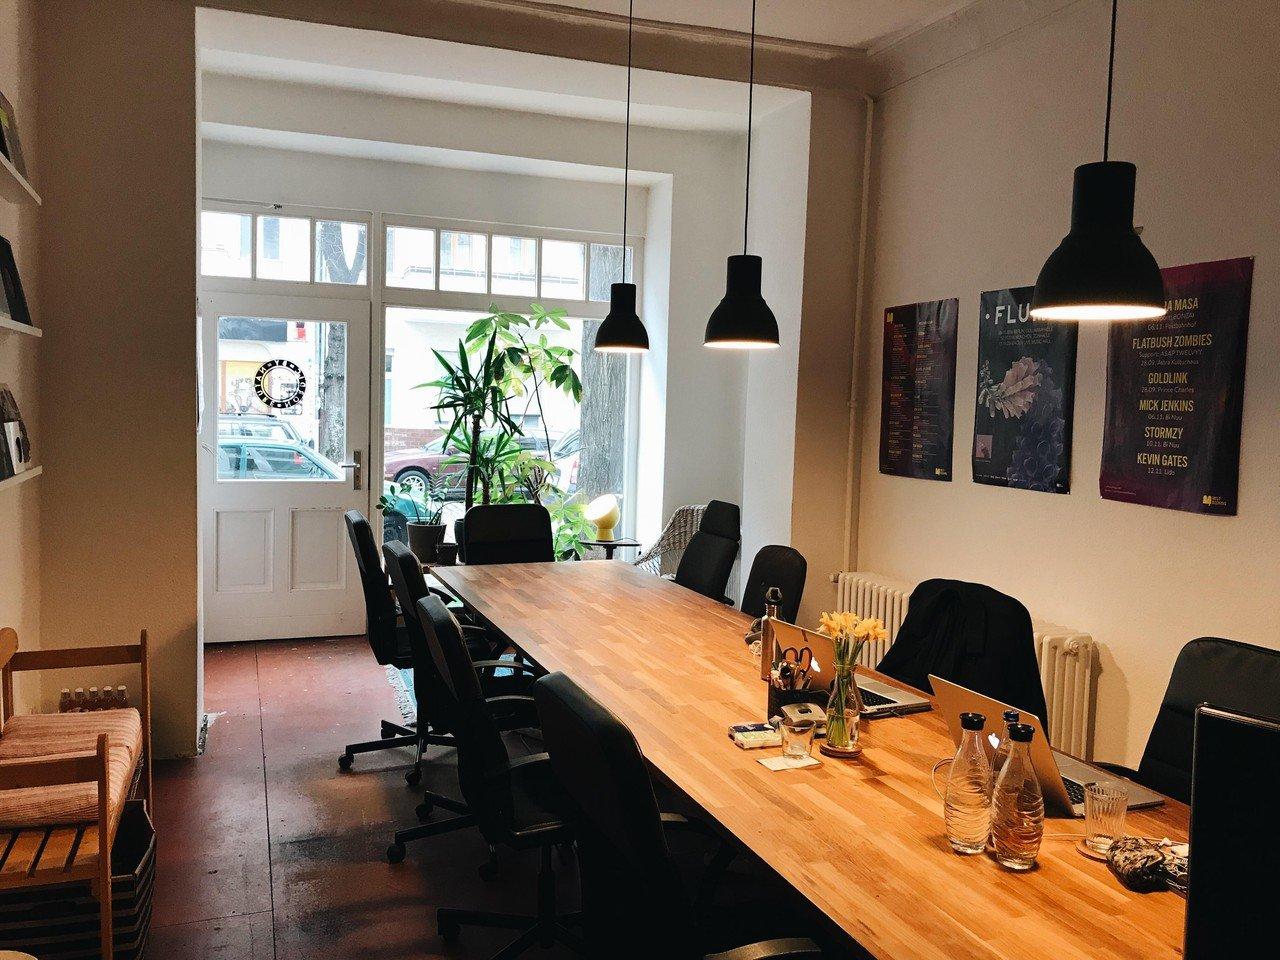 Berlin  Meetingraum Beautiful Workshop Space on Weserstraße image 0